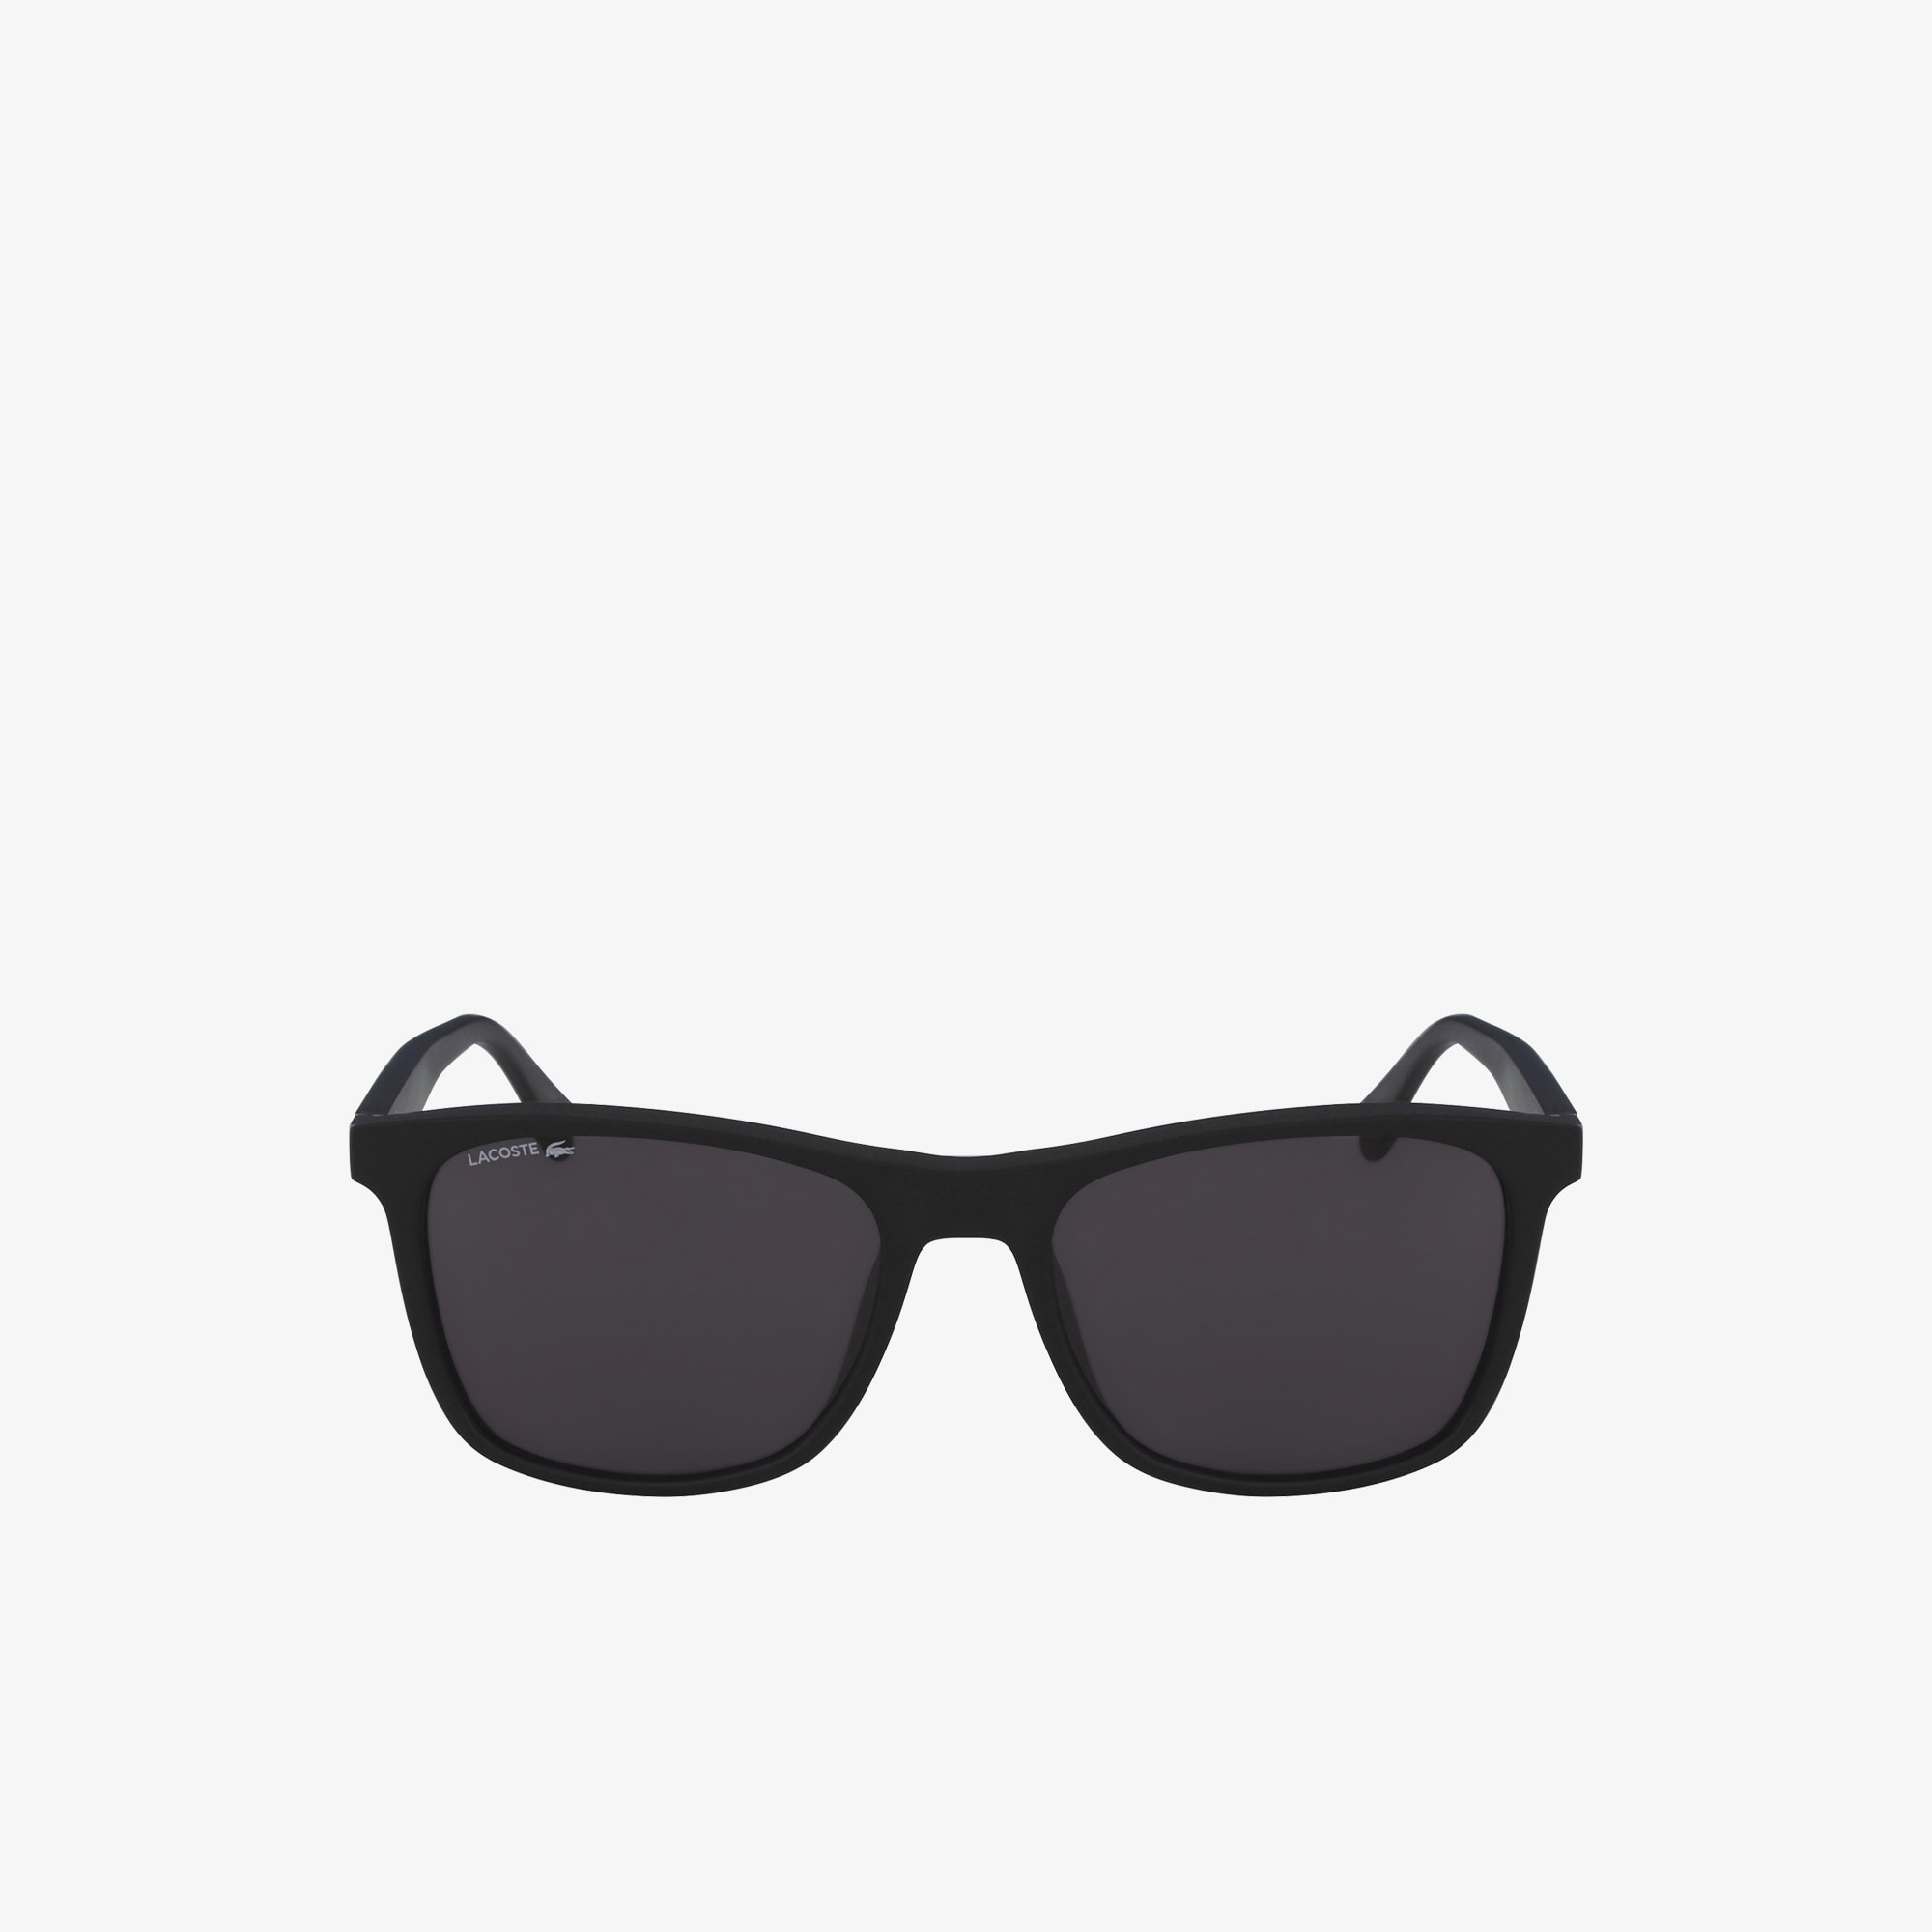 Herren-Sonnenbrille L.12.12